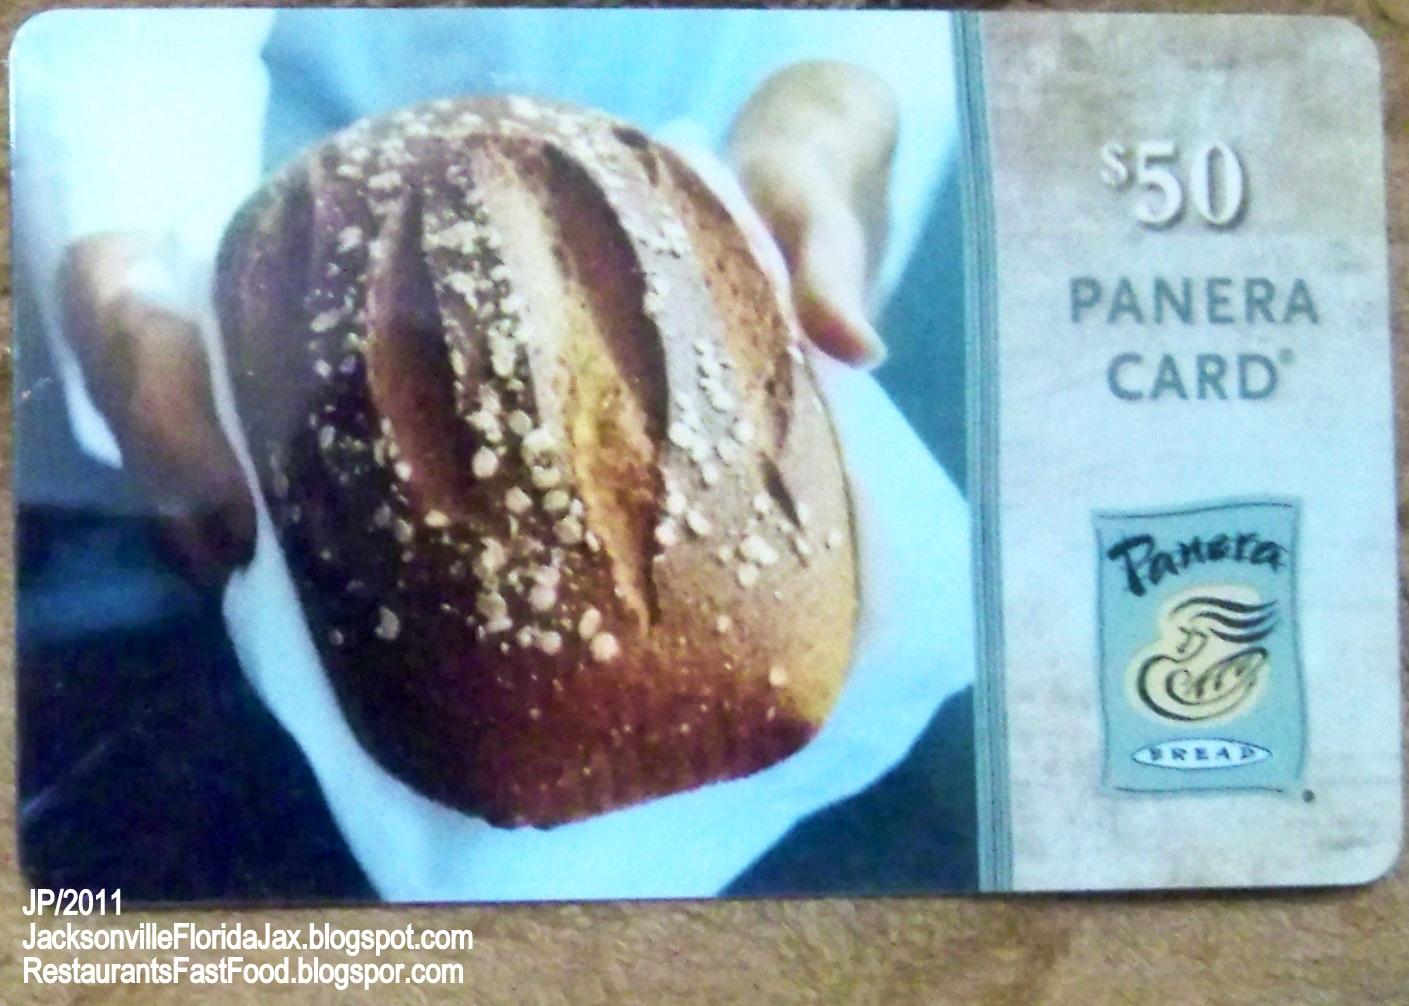 Panera Bread Jacksonville Florida Cafe Bakery Restaurant Roosevelt Blvd Fl Jax